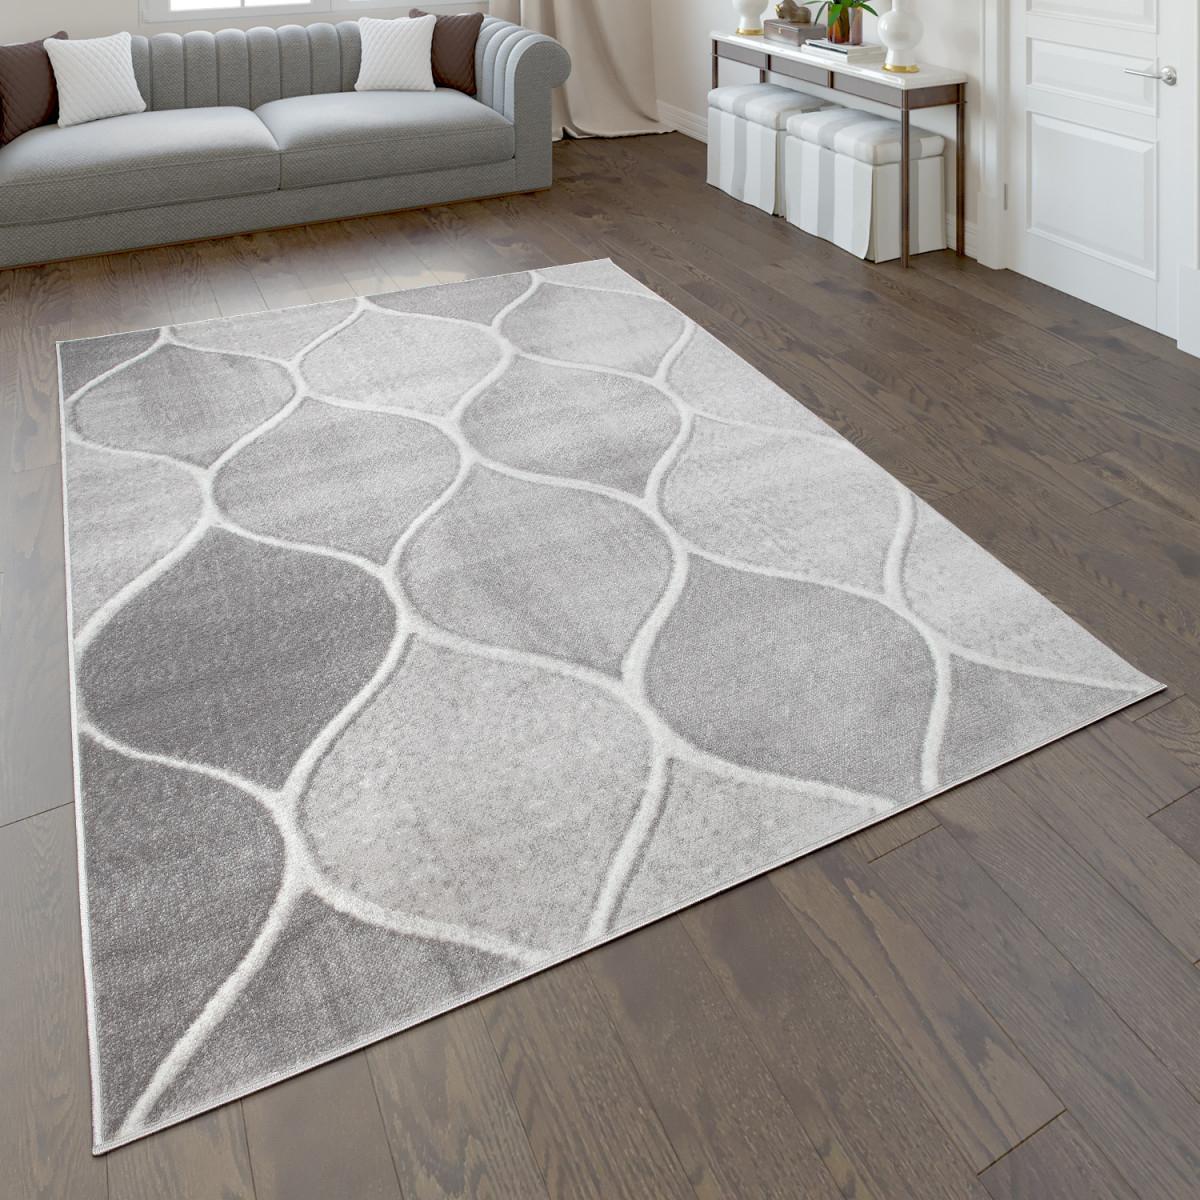 Wohnzimmerteppich Orient Design Einfarbig Grau von Wohnzimmer Teppich Grau Photo